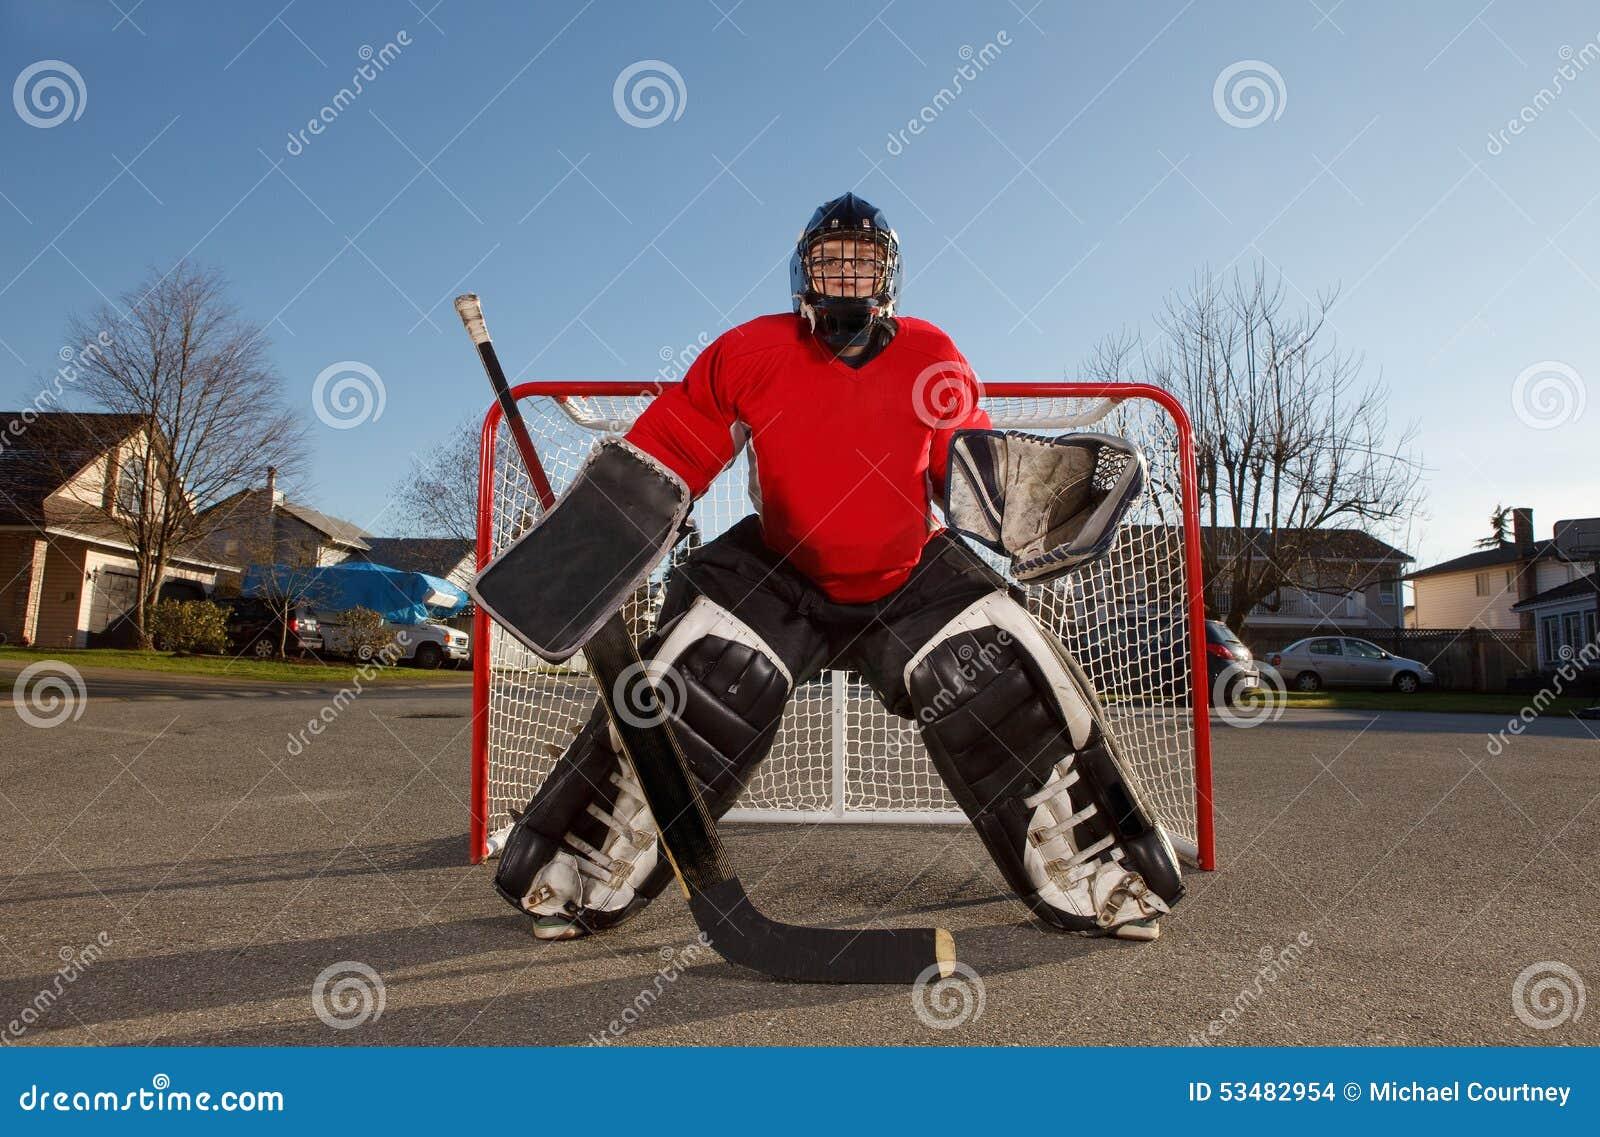 Ball hockey goalie outside in net.